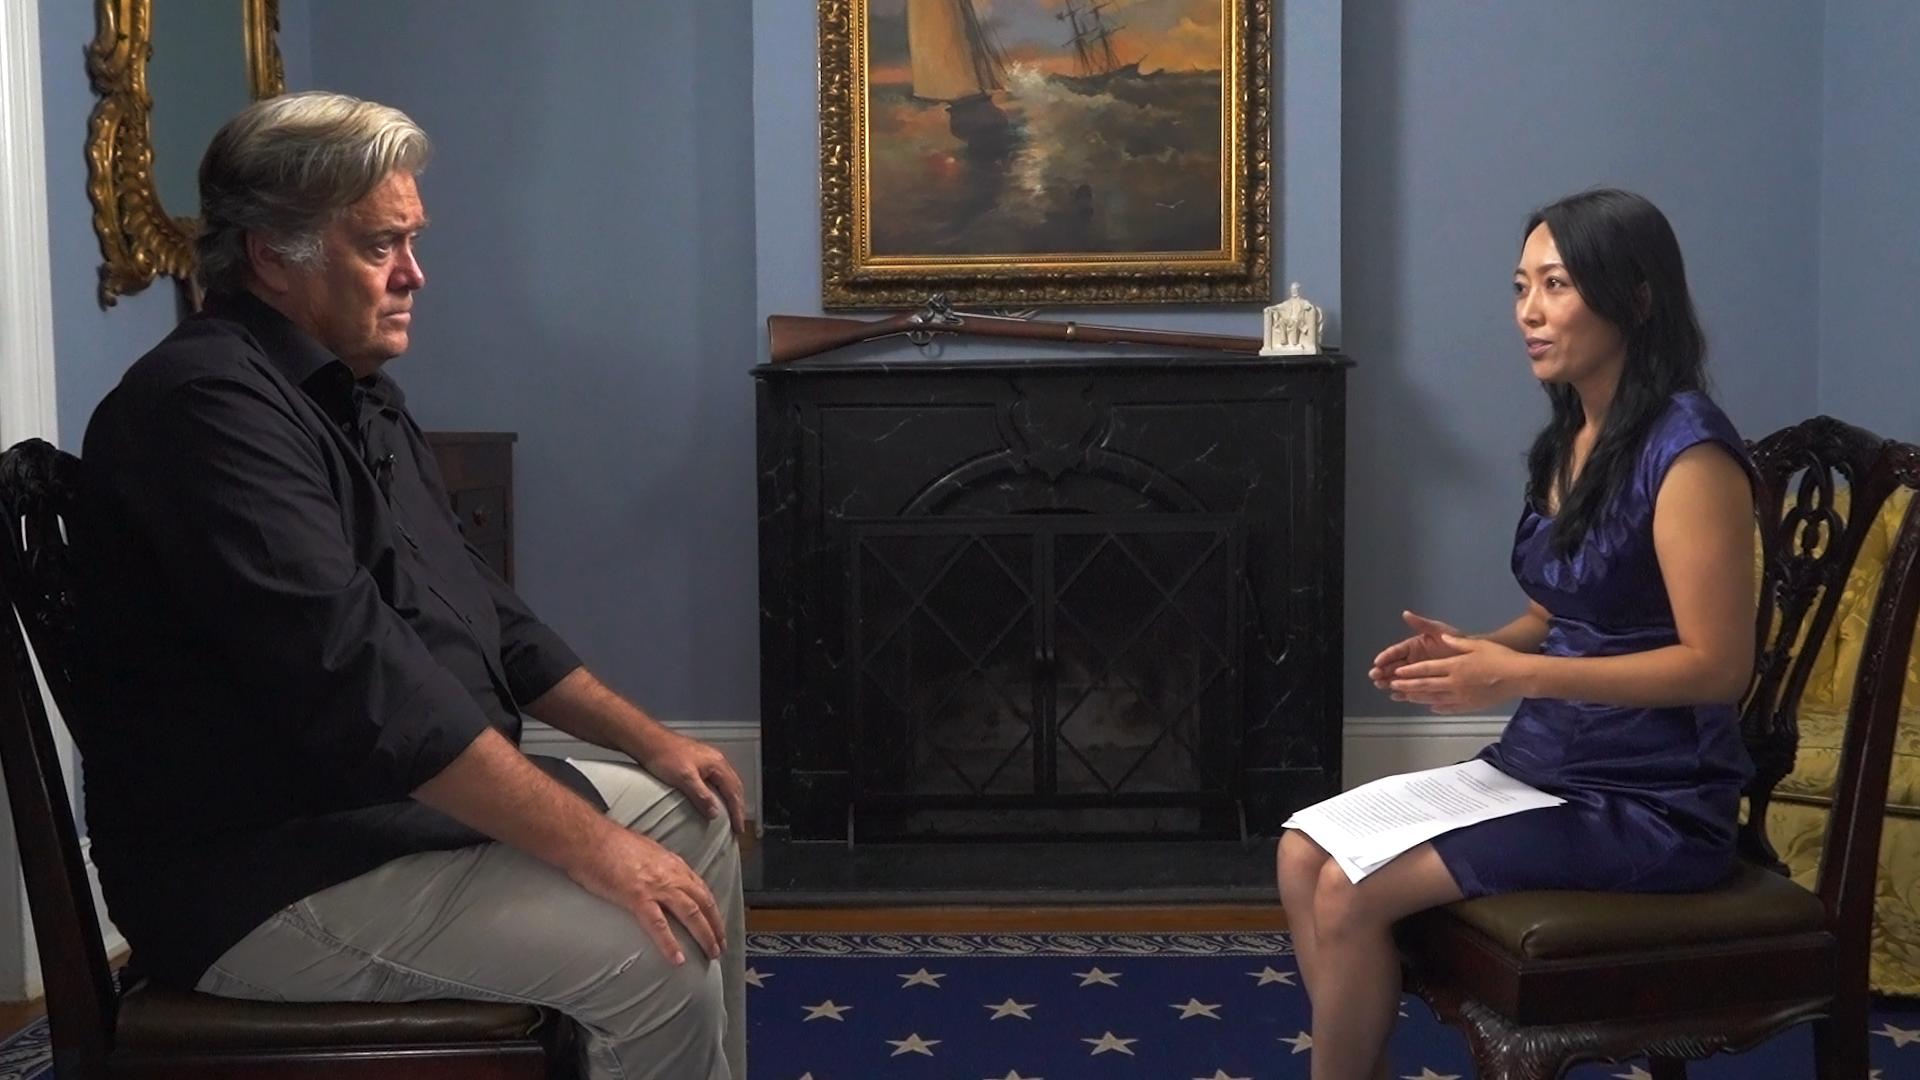 近日,新唐人《世事關心》節目主持人蕭茗再次採訪了白宮前首席戰略顧問班農先生。(新唐人)